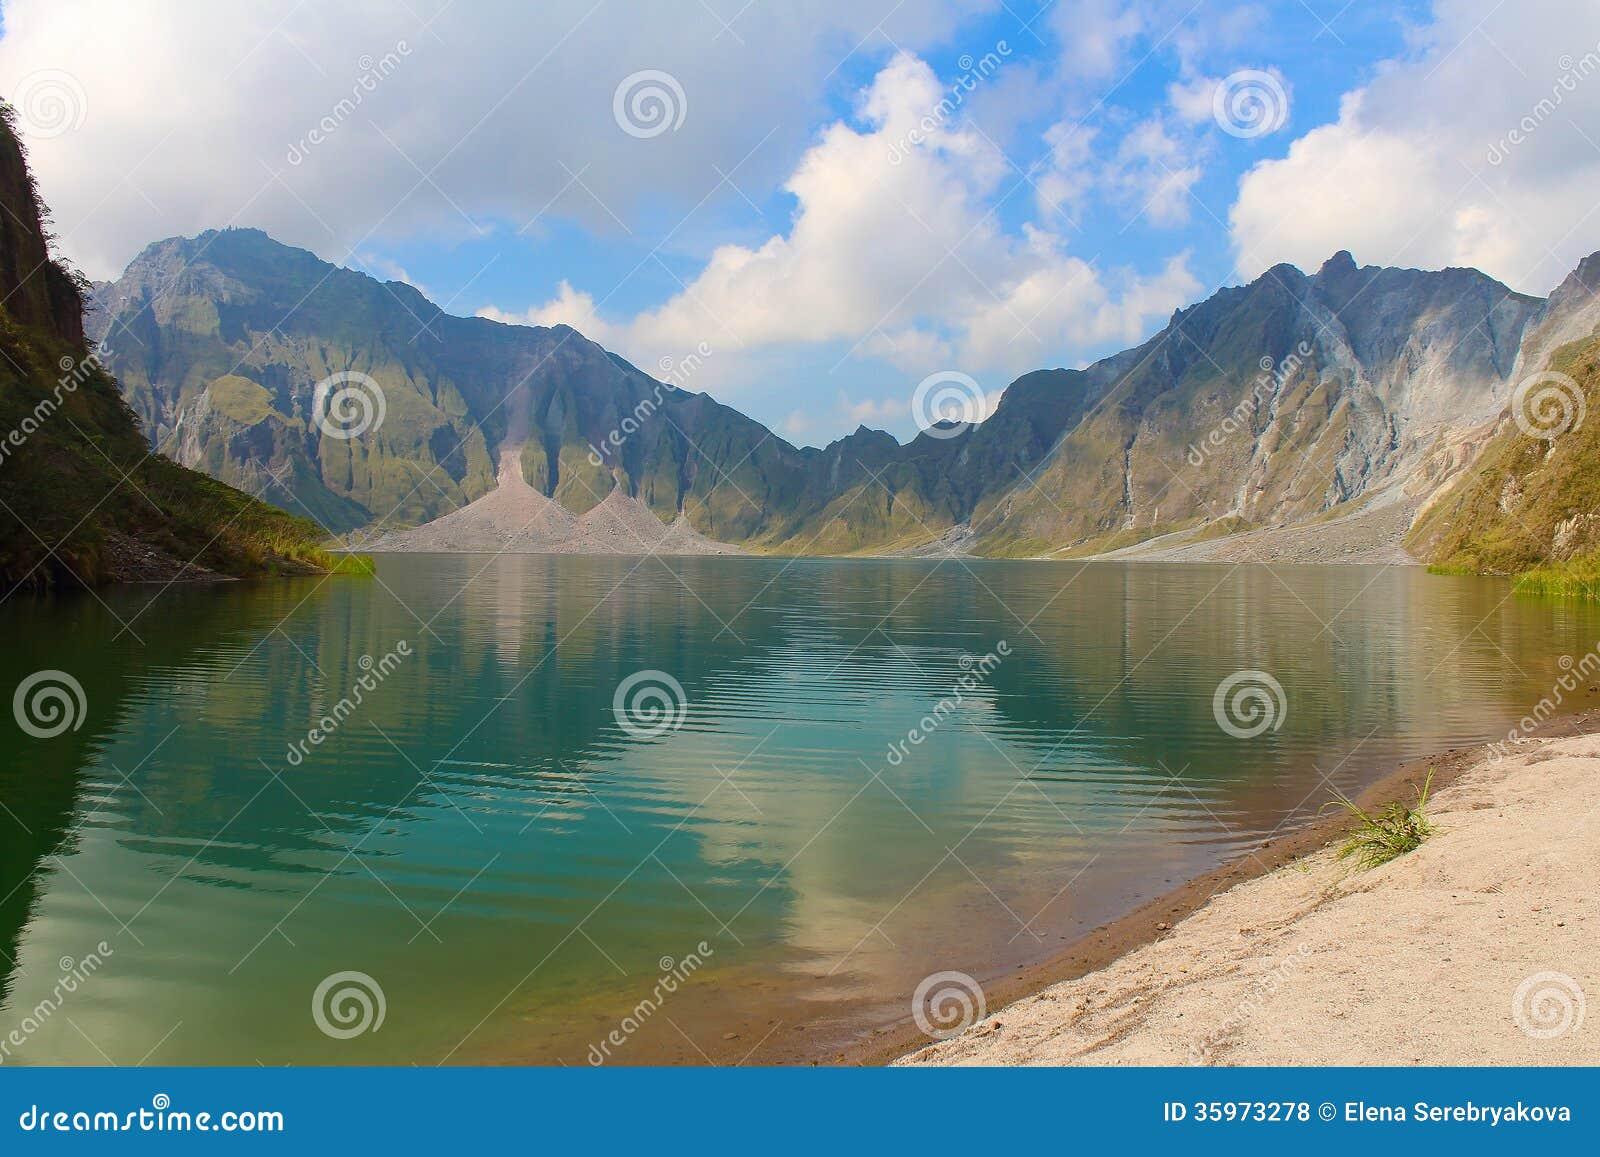 El volcán activo Pinatubo y el lago del cráter